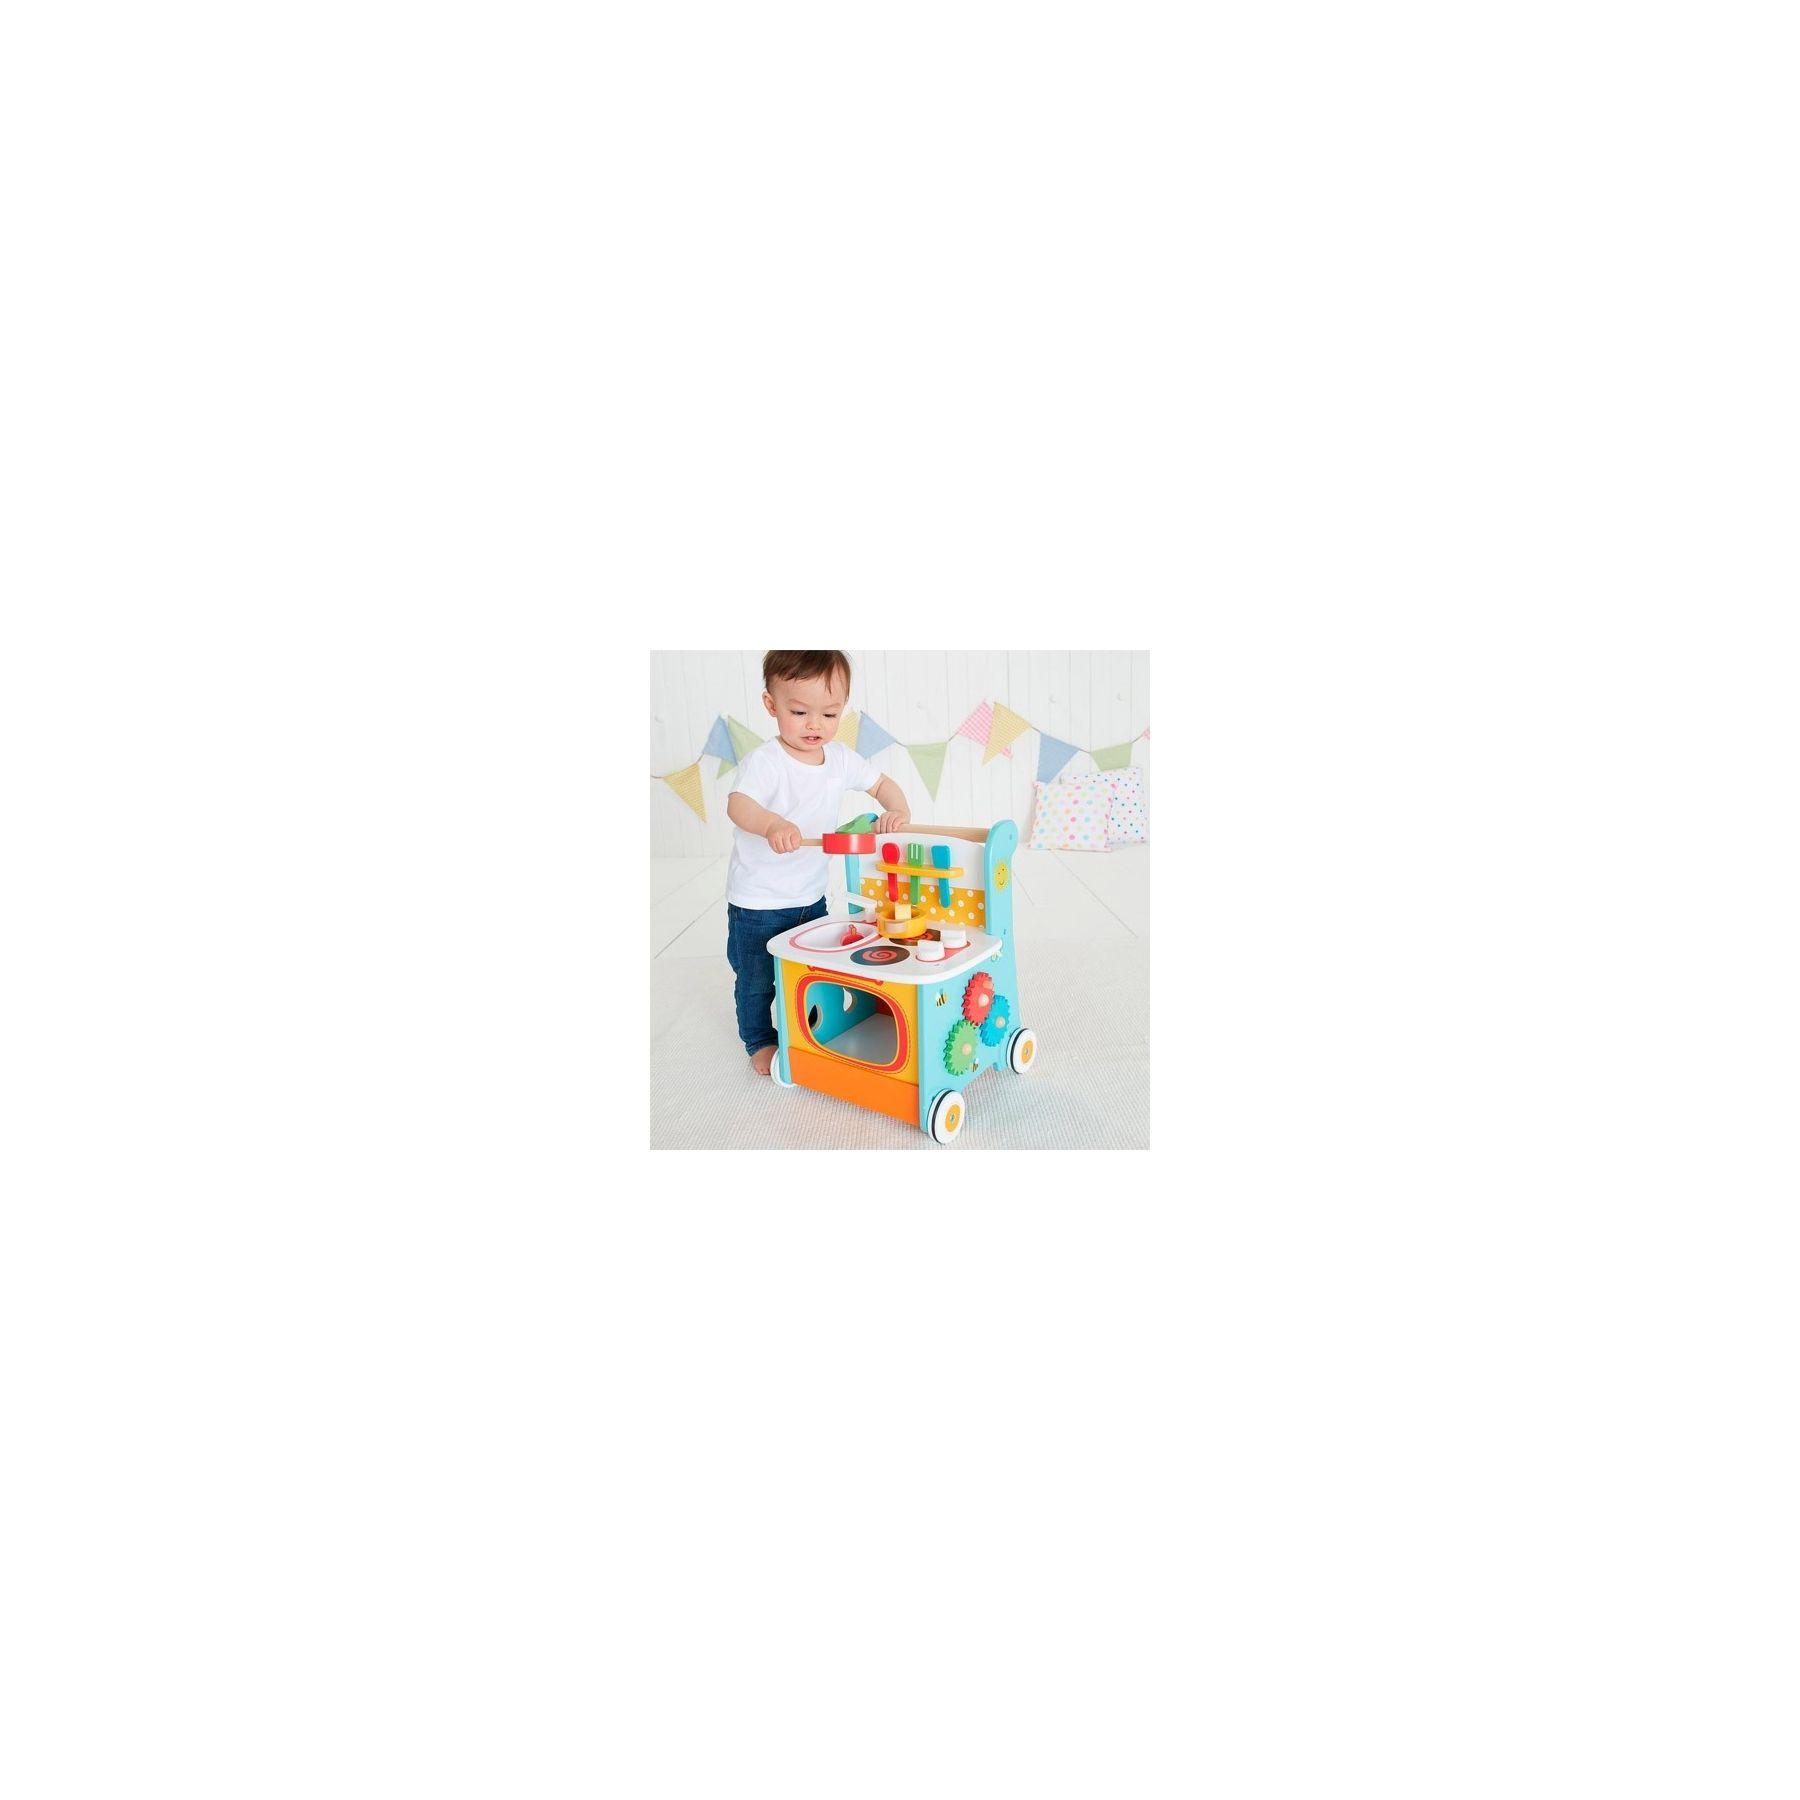 Jouet enfant Cuisine d'activités Early Learning Centre